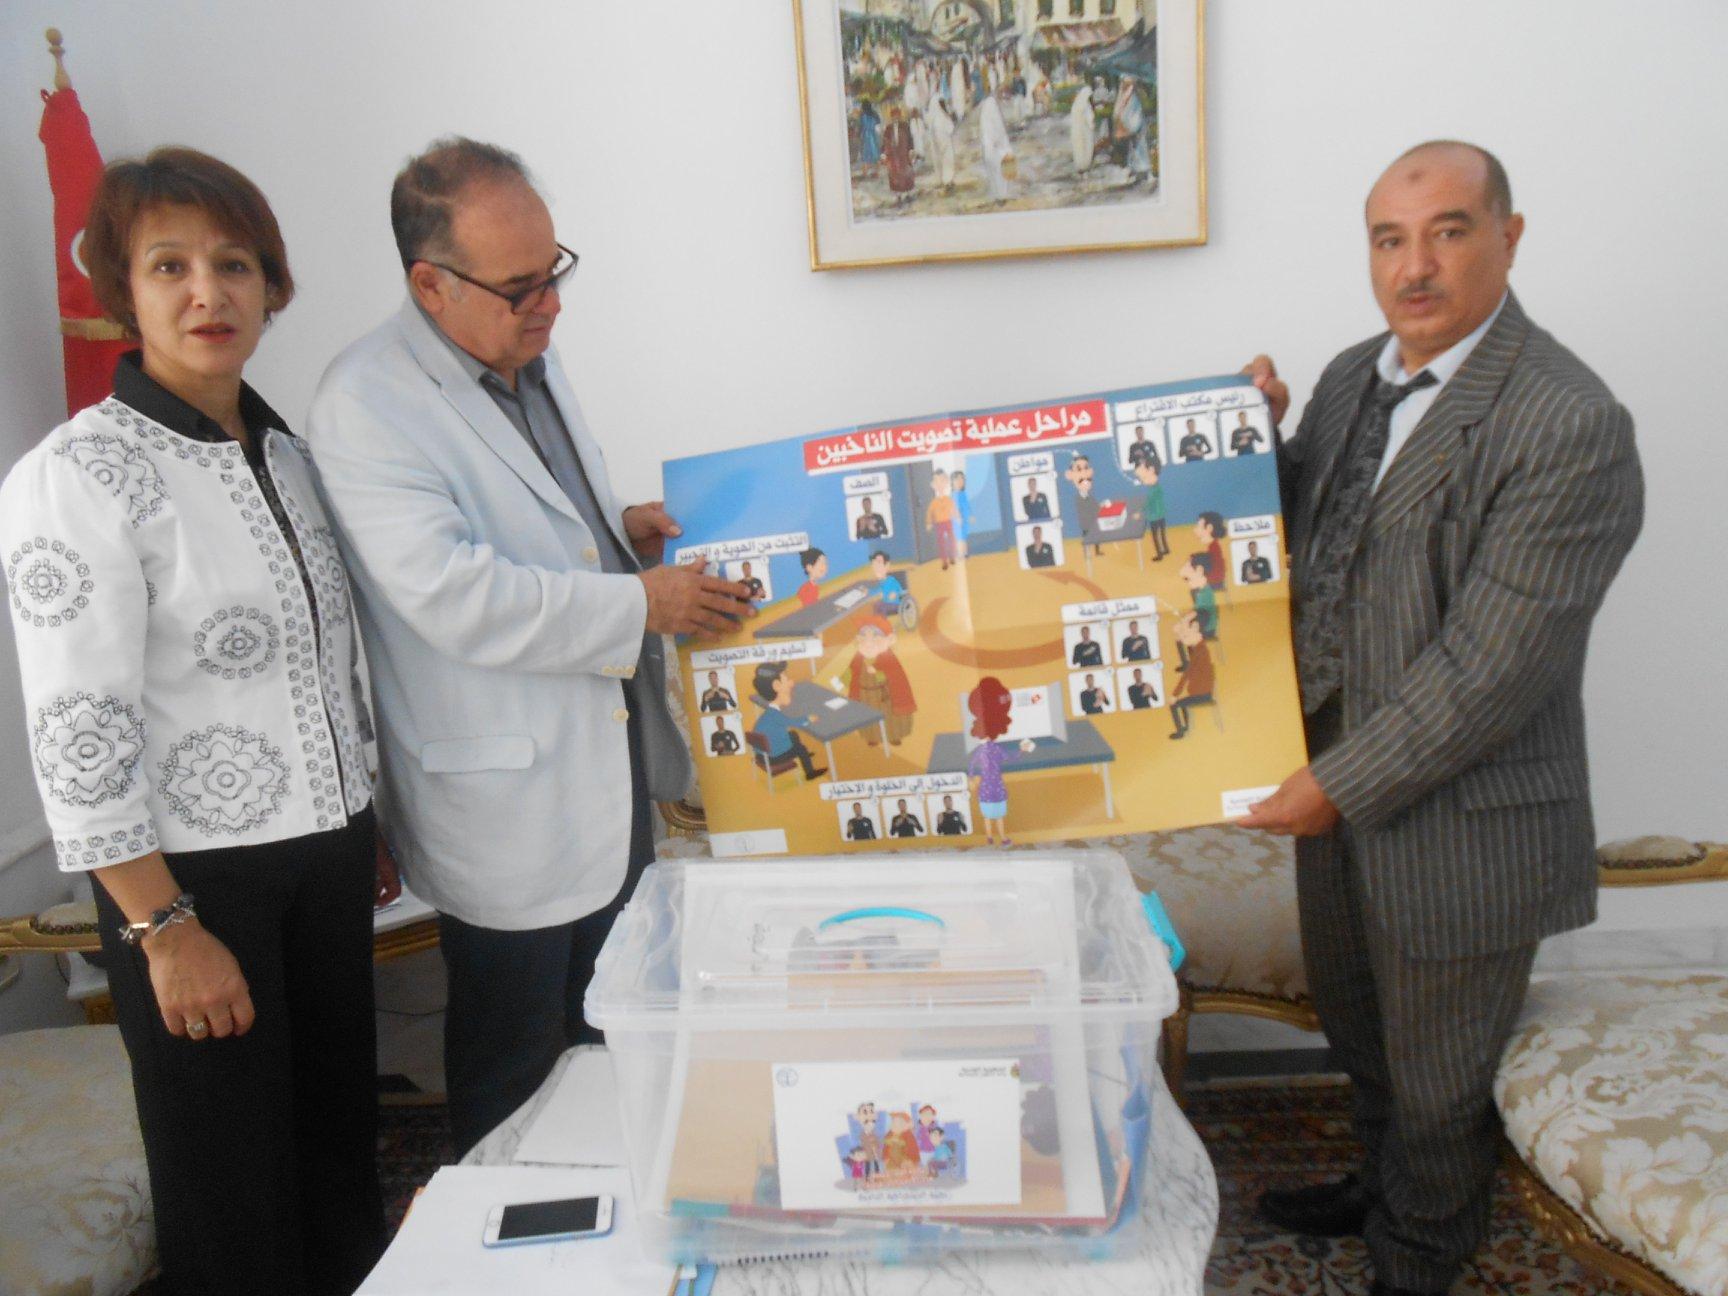 Tunisie-Elections présidentielles et législatives : Le ministère des Affaires Sociales lance un programme au profit des personnes handicapées